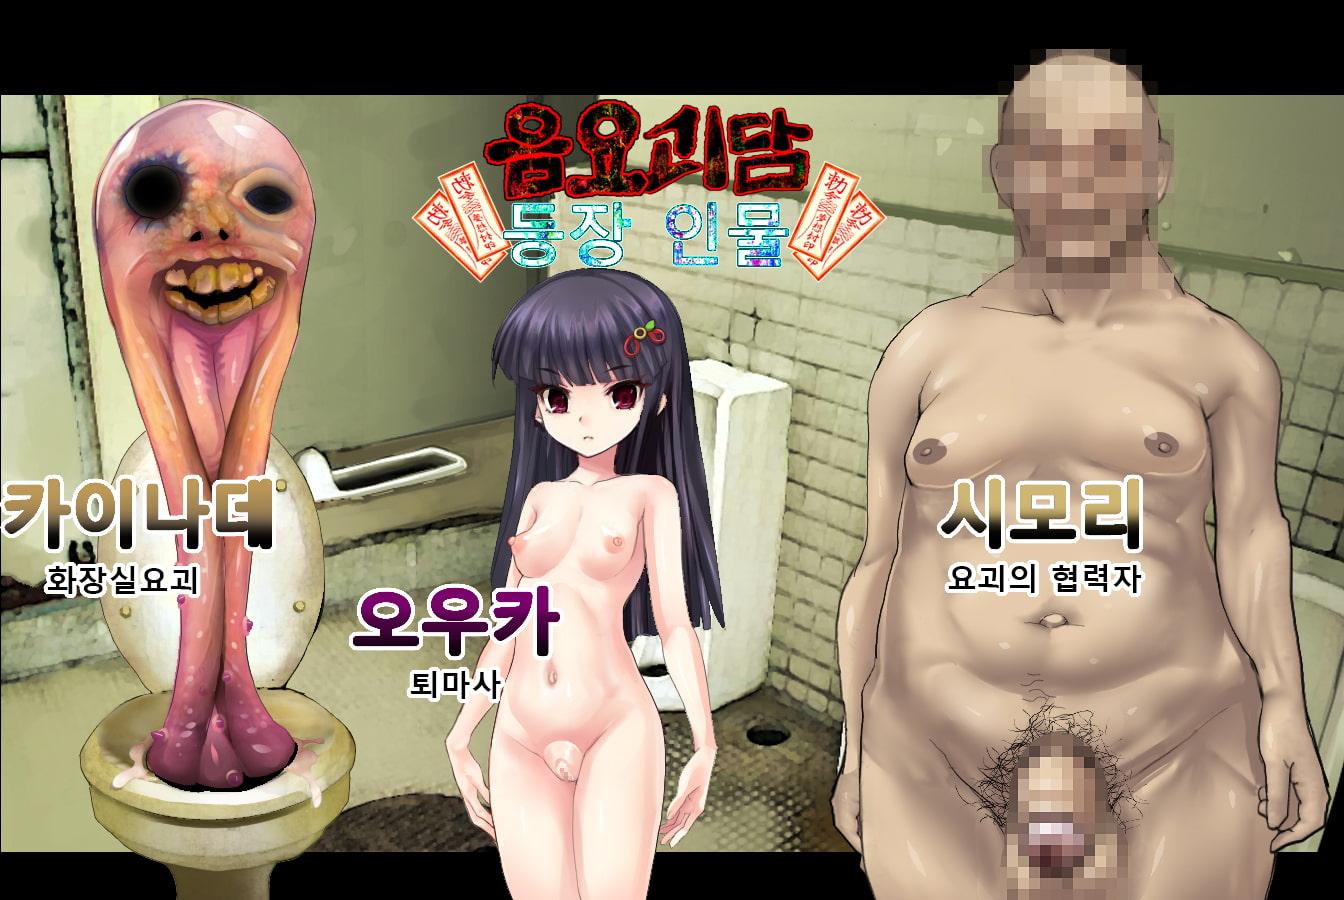 淫妖怪談 公衆便所退魔録[Korean Ver.]のサンプル画像